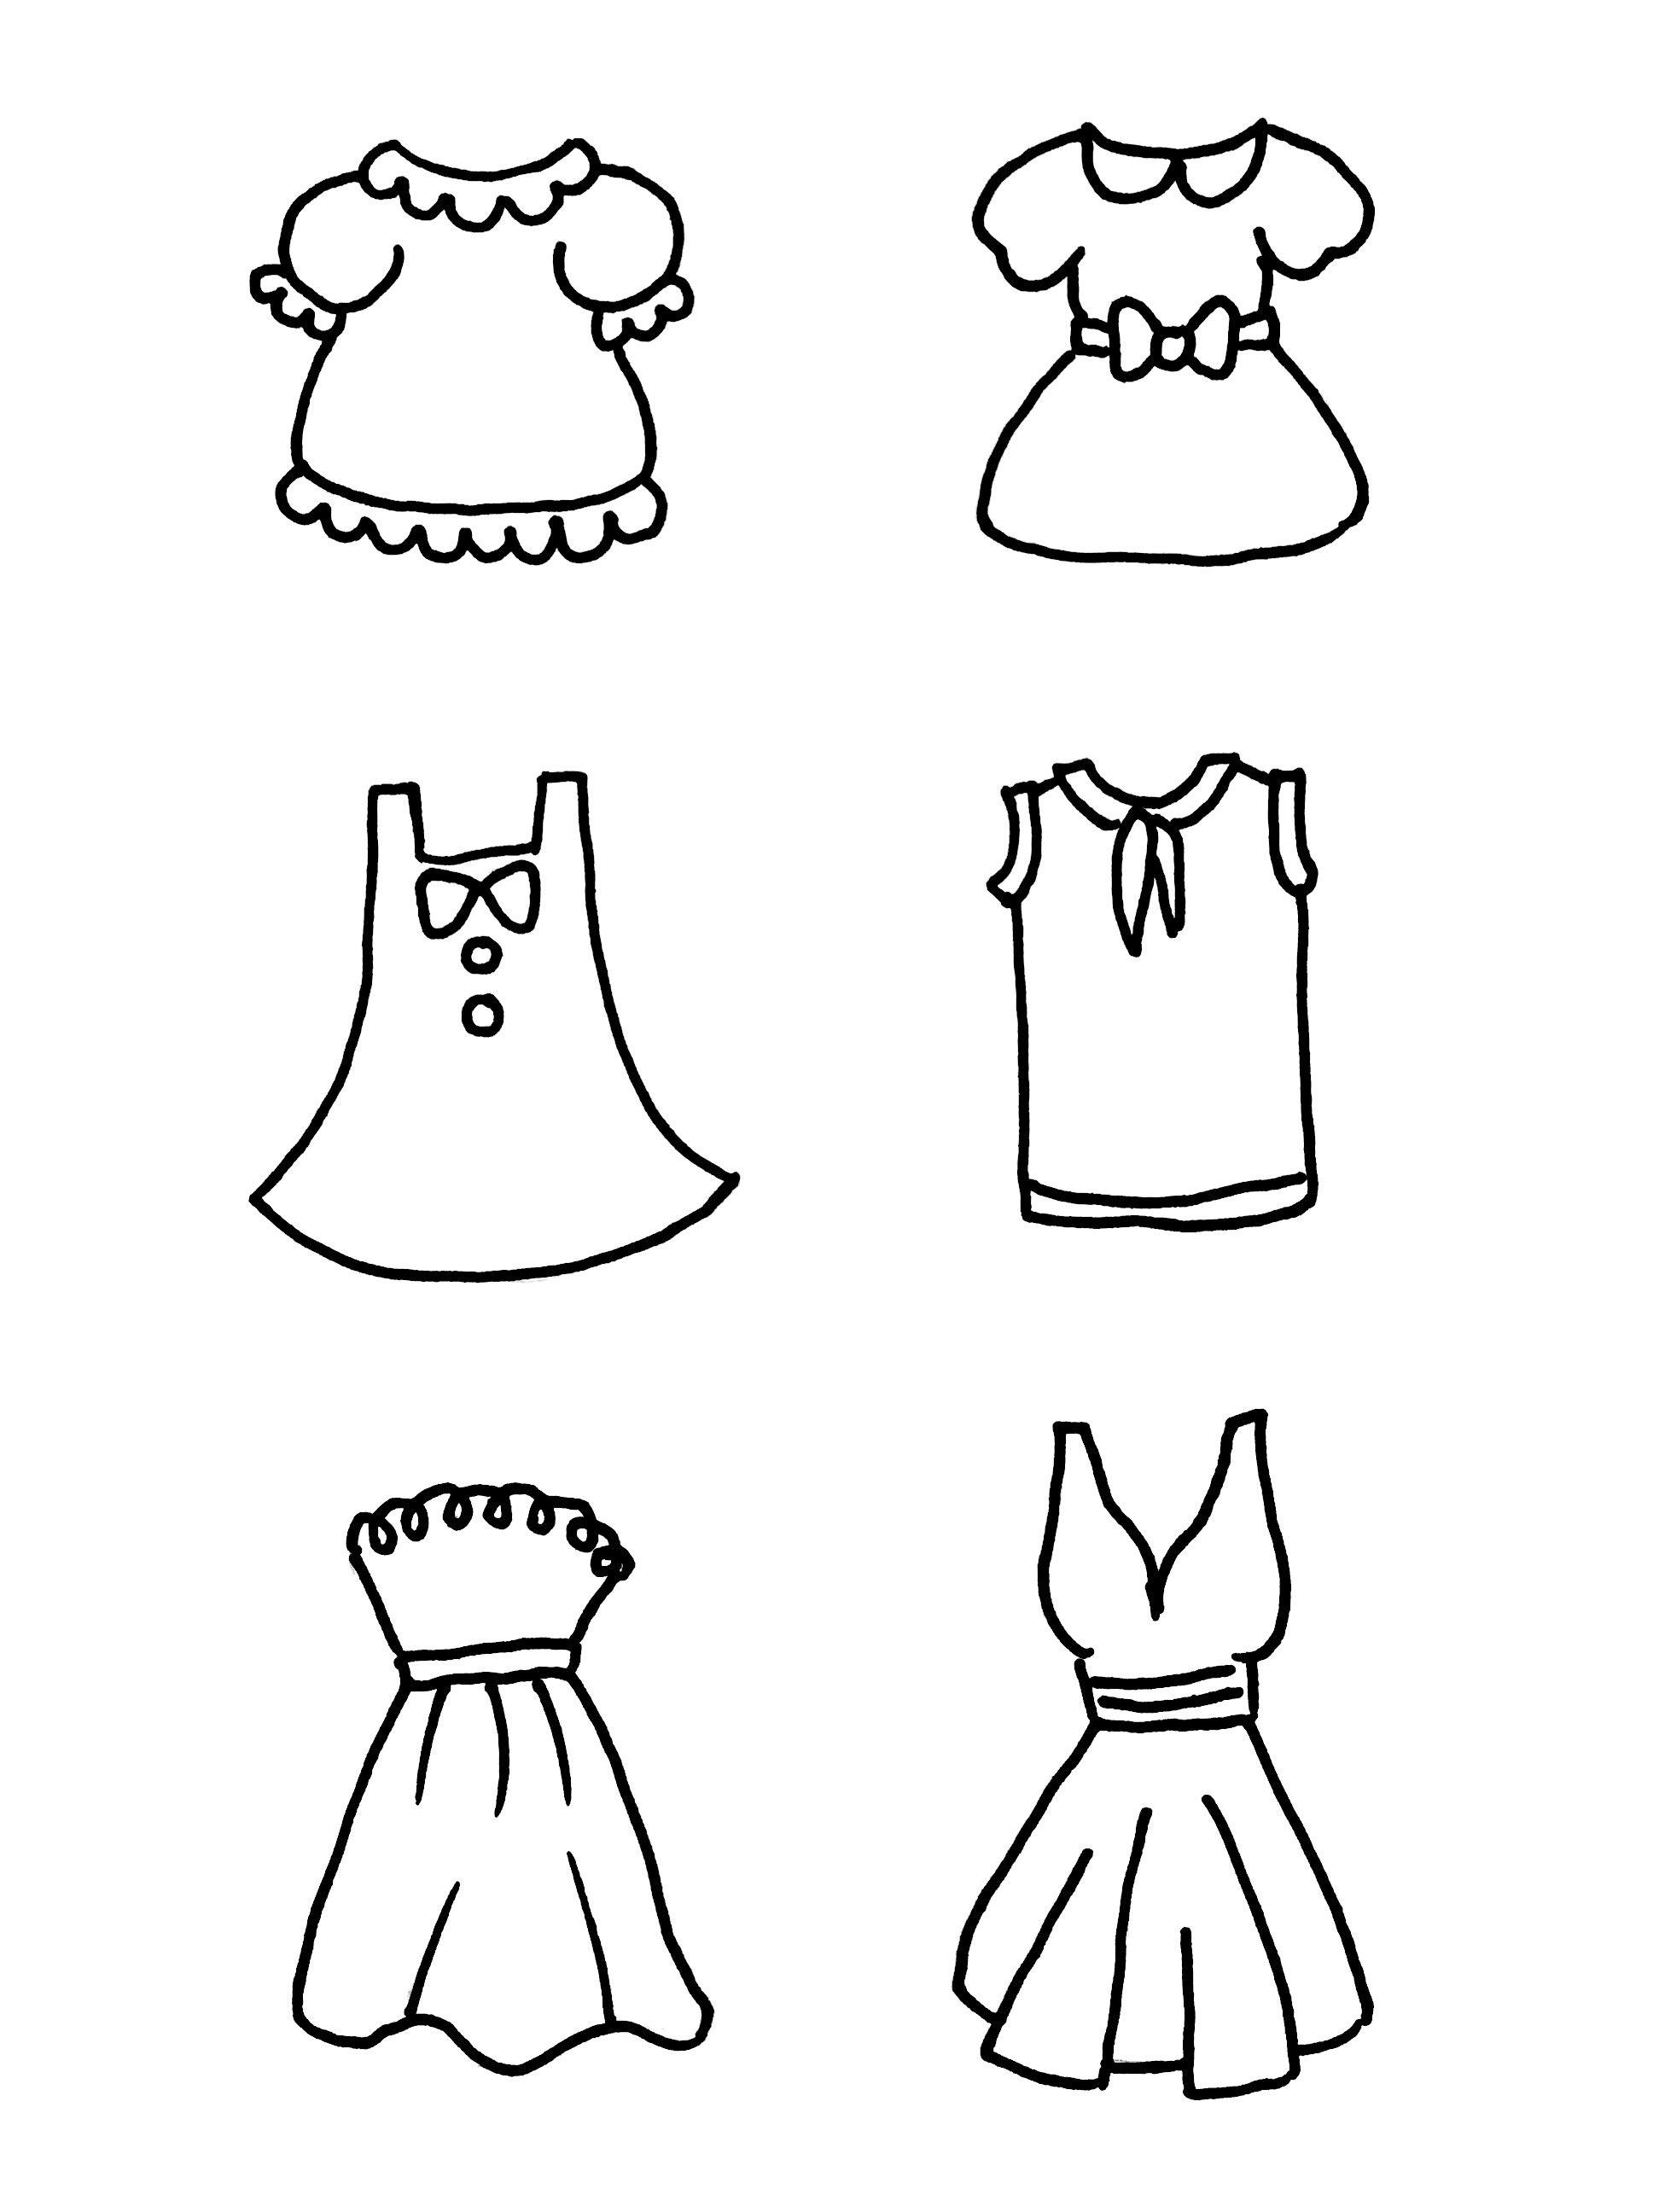 衣服简笔画大全_一步一步教你画古装裙图片